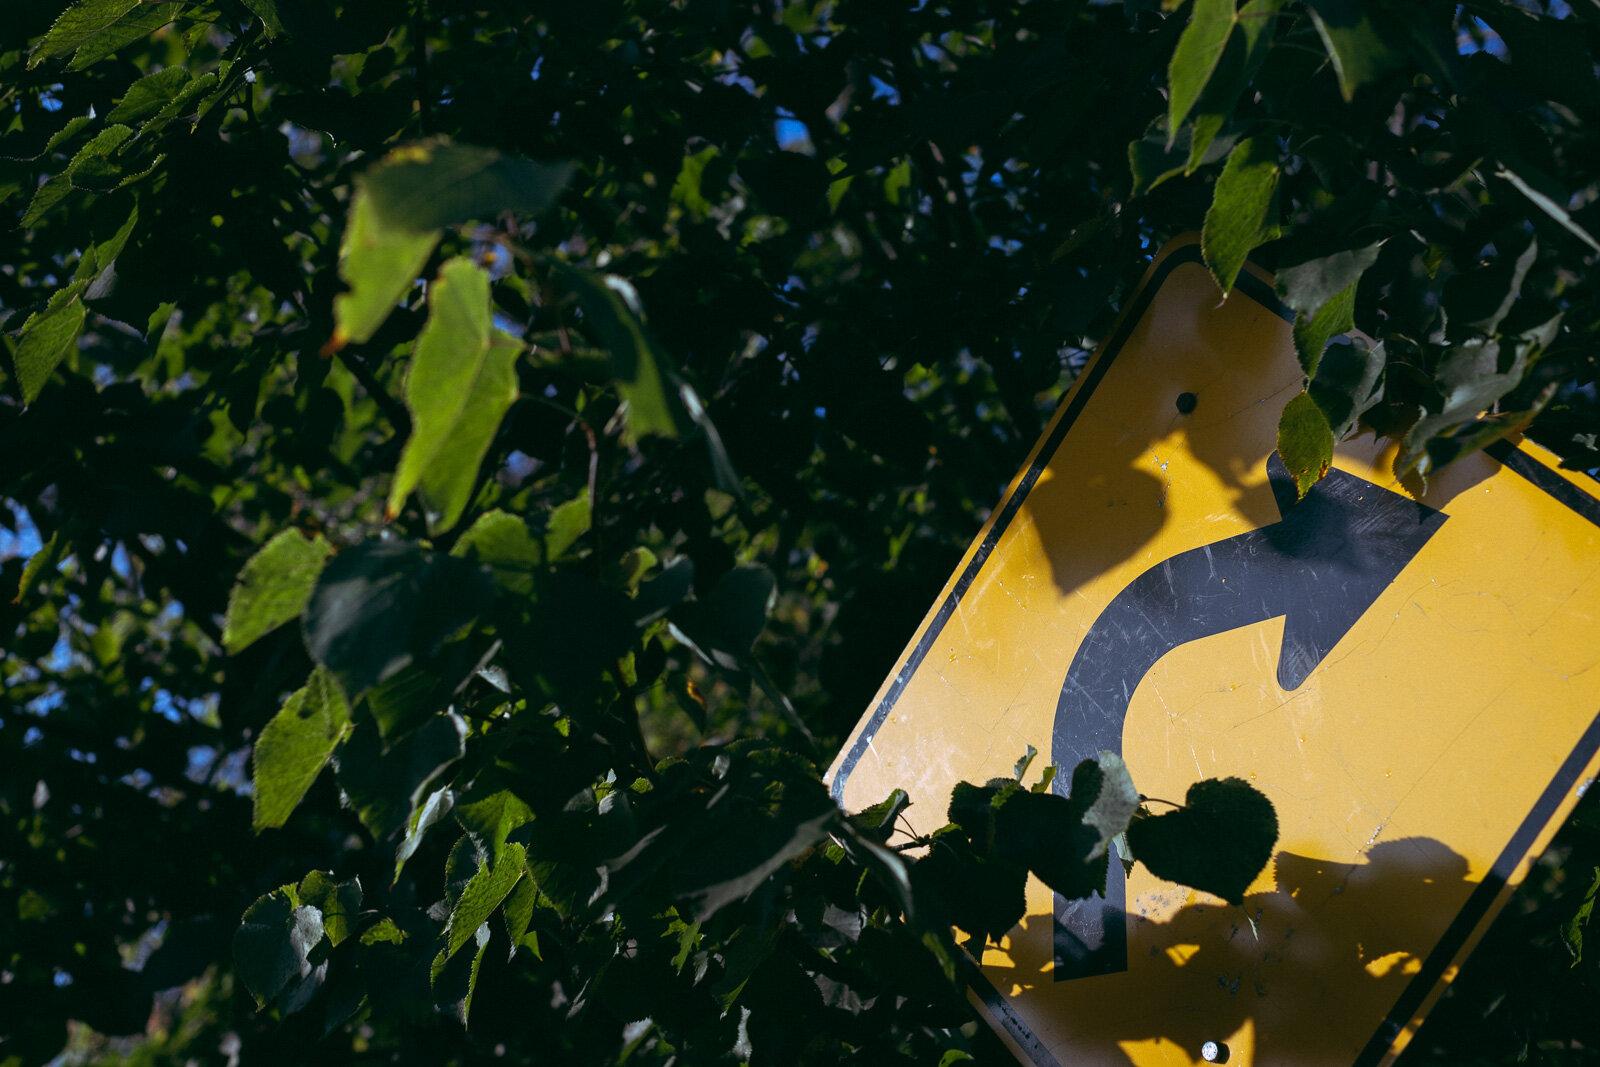 fw-walk-september26-blog-14.jpg